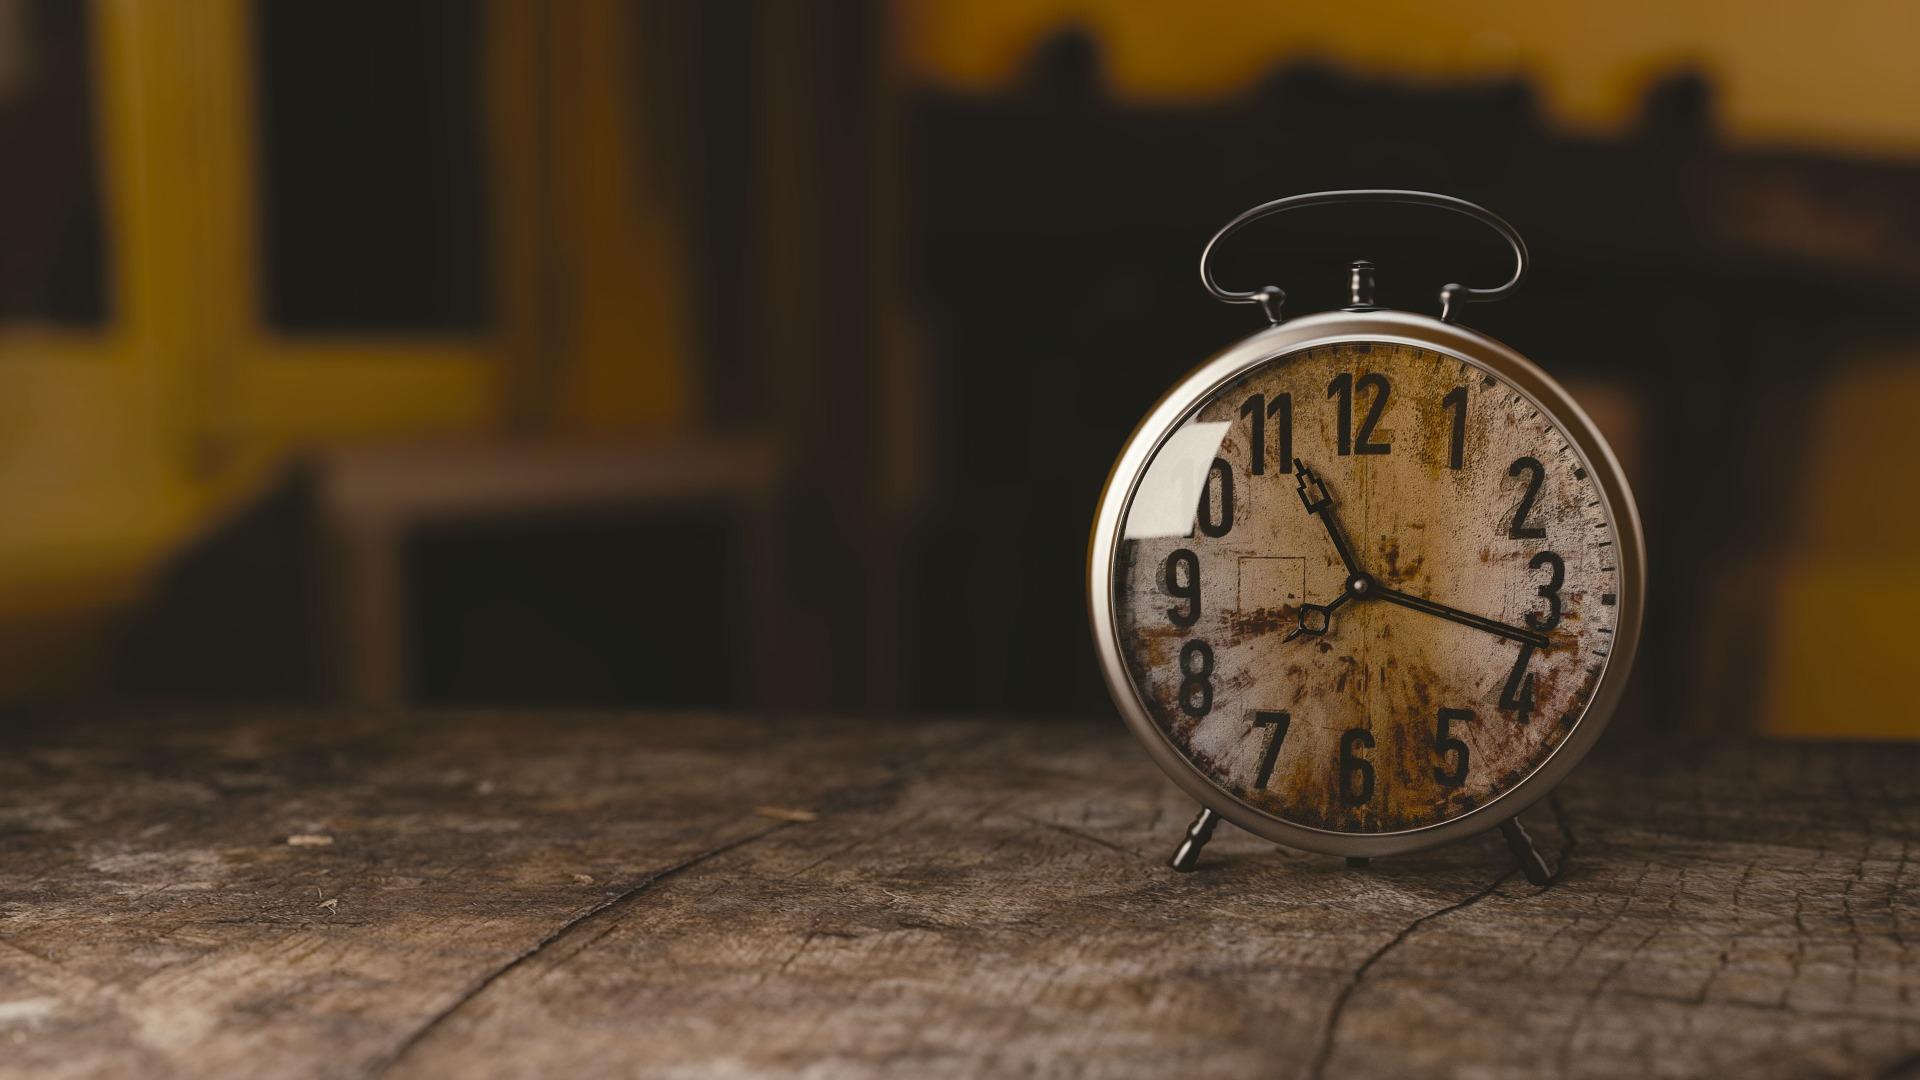 देखो, अलार्म घड़ी, समय, अलार्म, घंटे, पुराने, विंटेज - HD वॉलपेपर - प्रोफेसर-falken.com